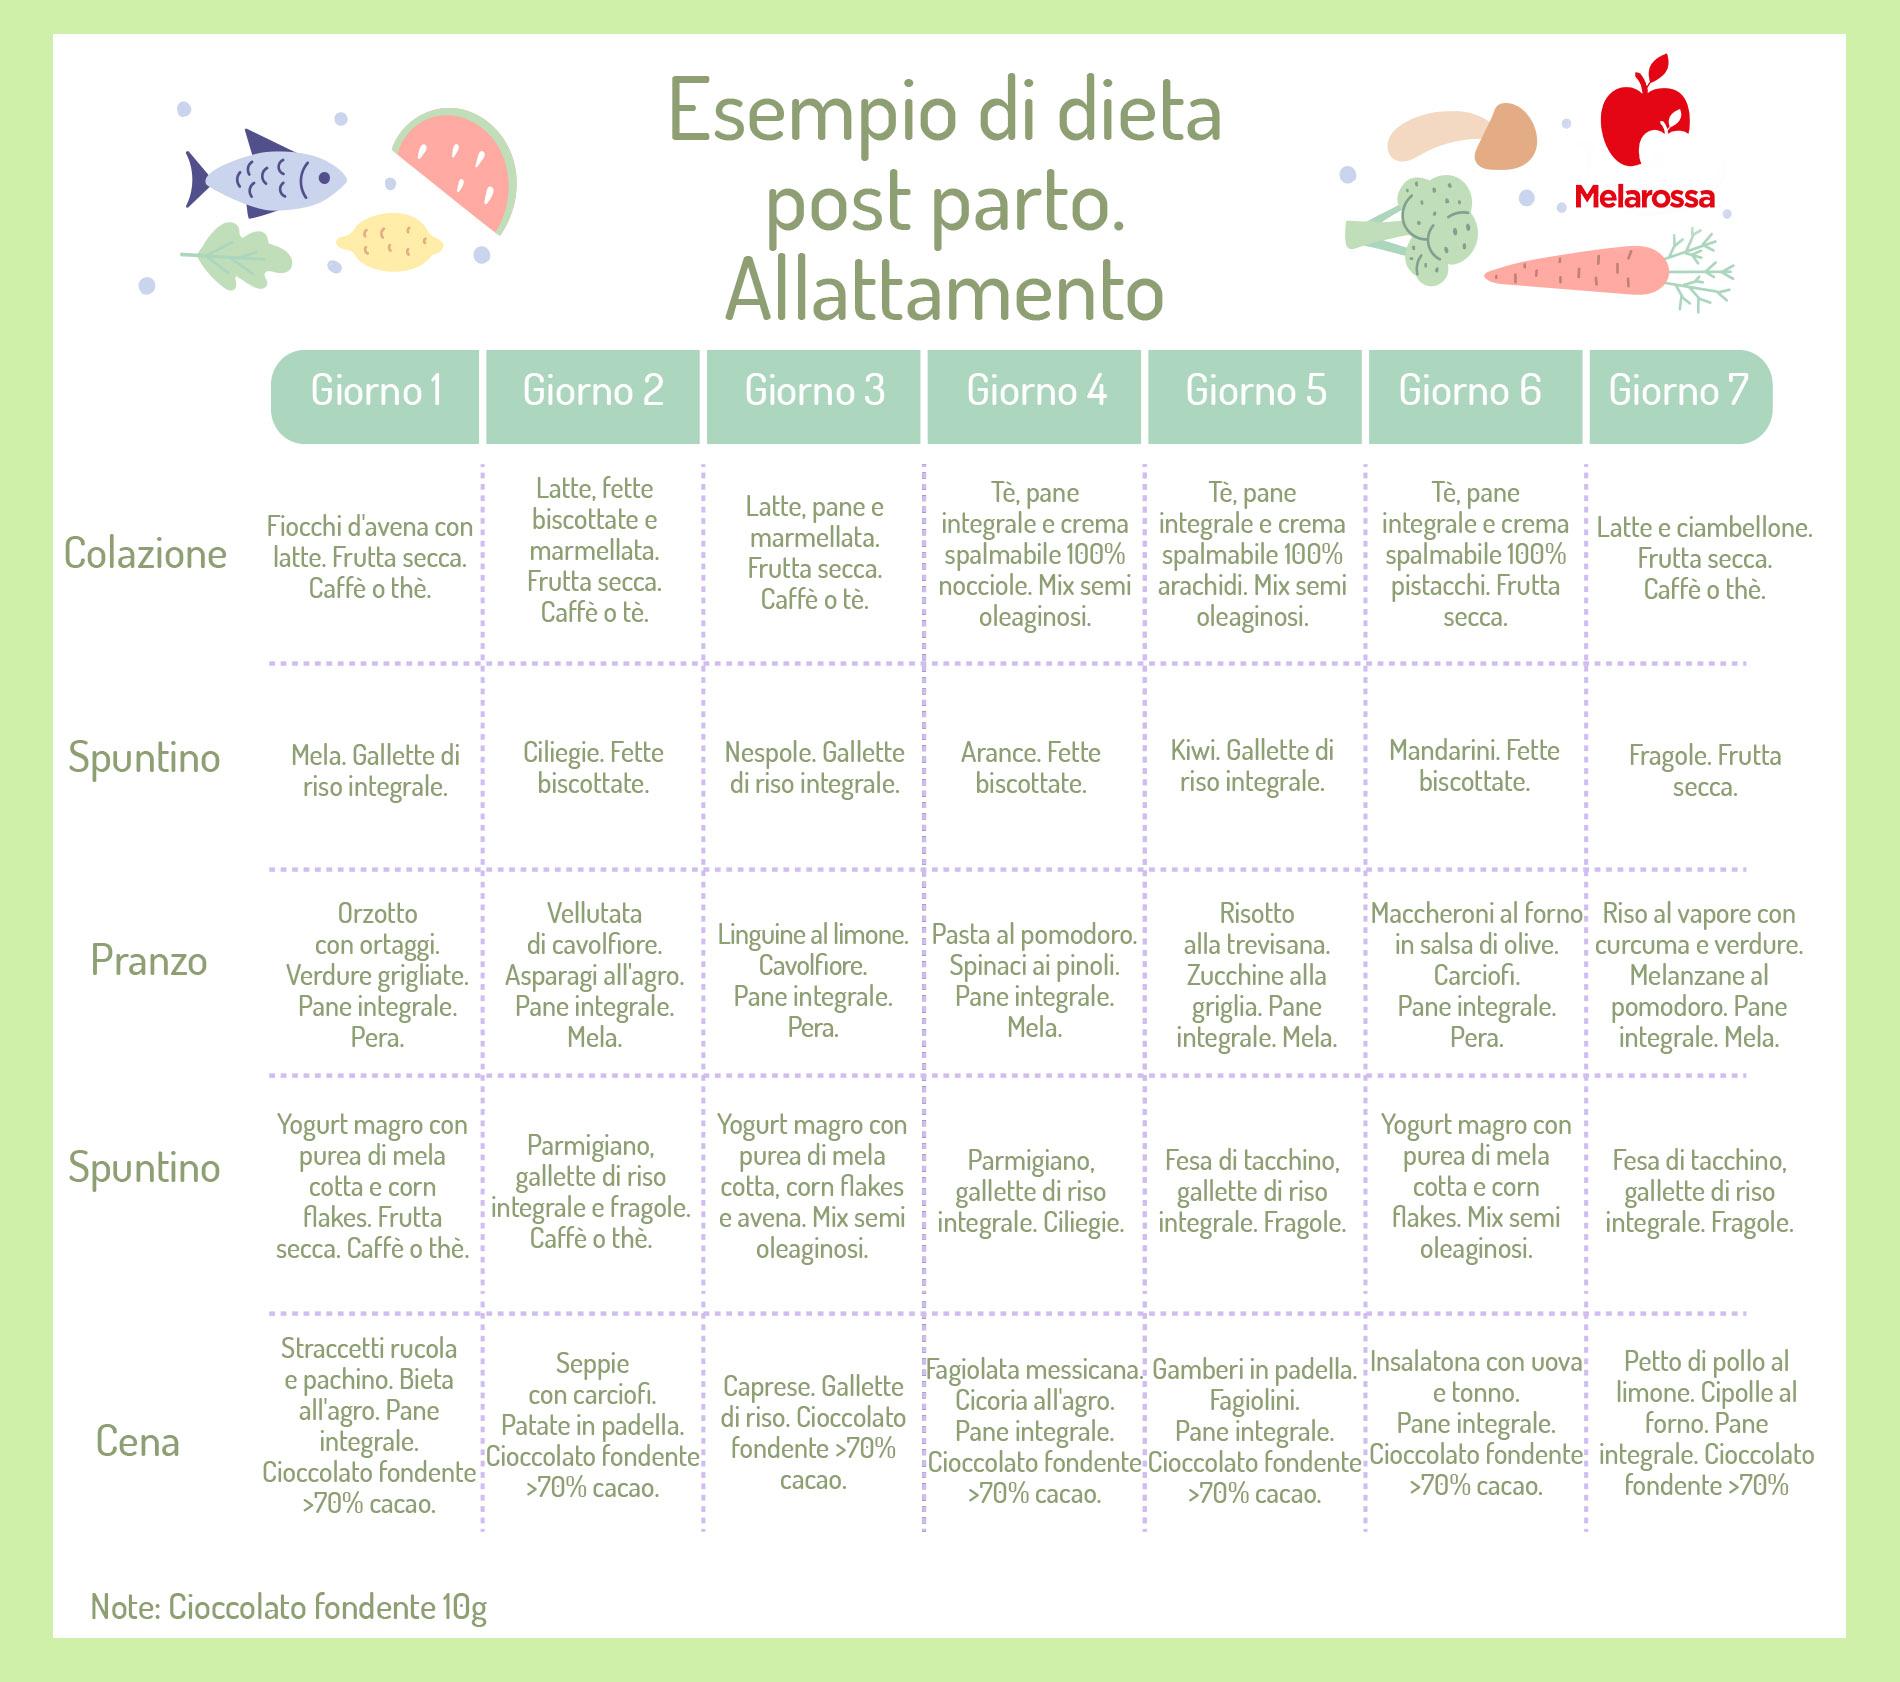 dieta in allattamento: esempio di menù equilibrato